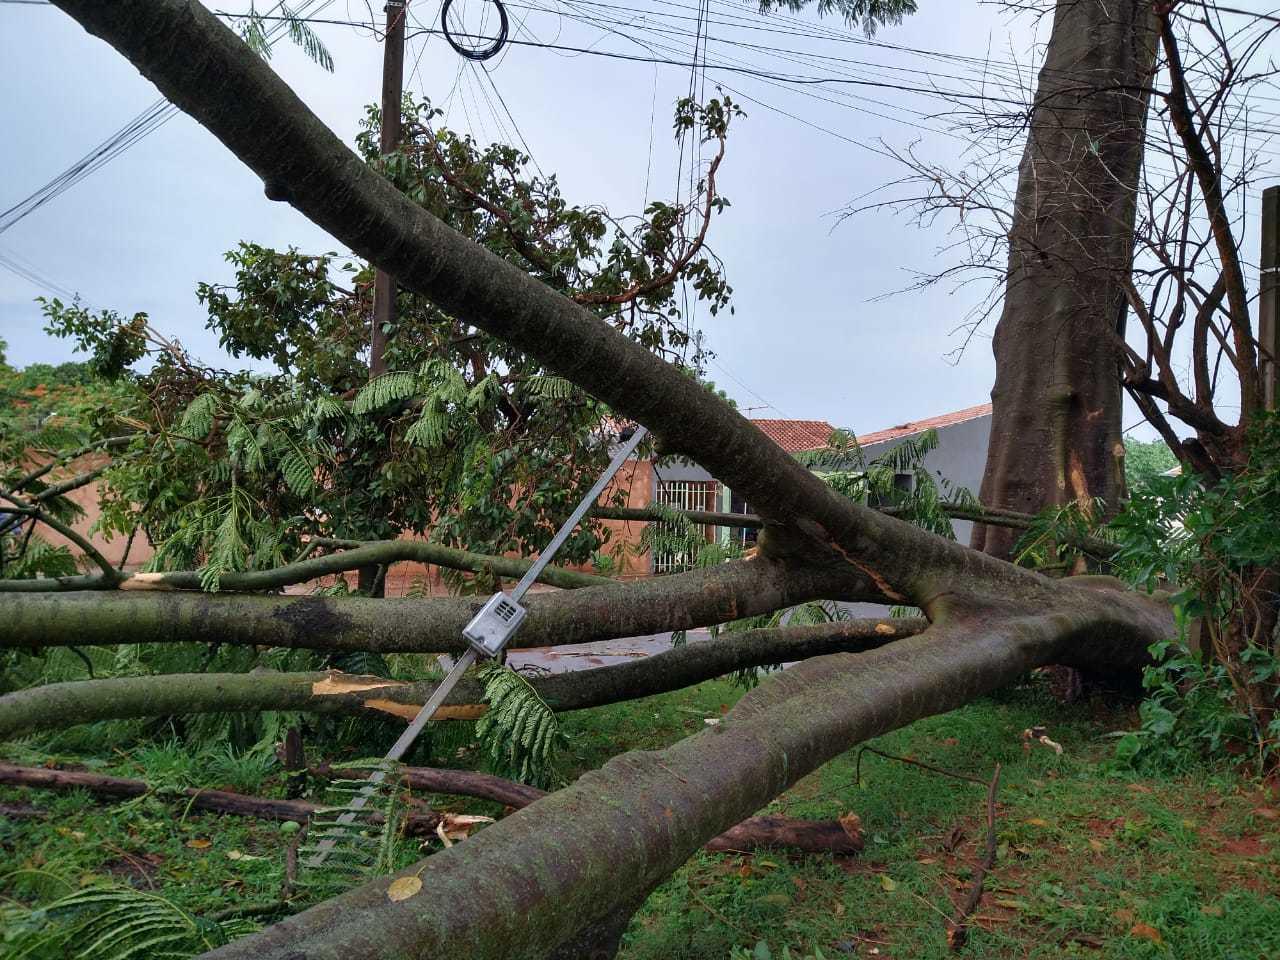 Ávore de grande porte caiu na Rua Iraúna e derrubou fios (Foto: Aletheya Alves)